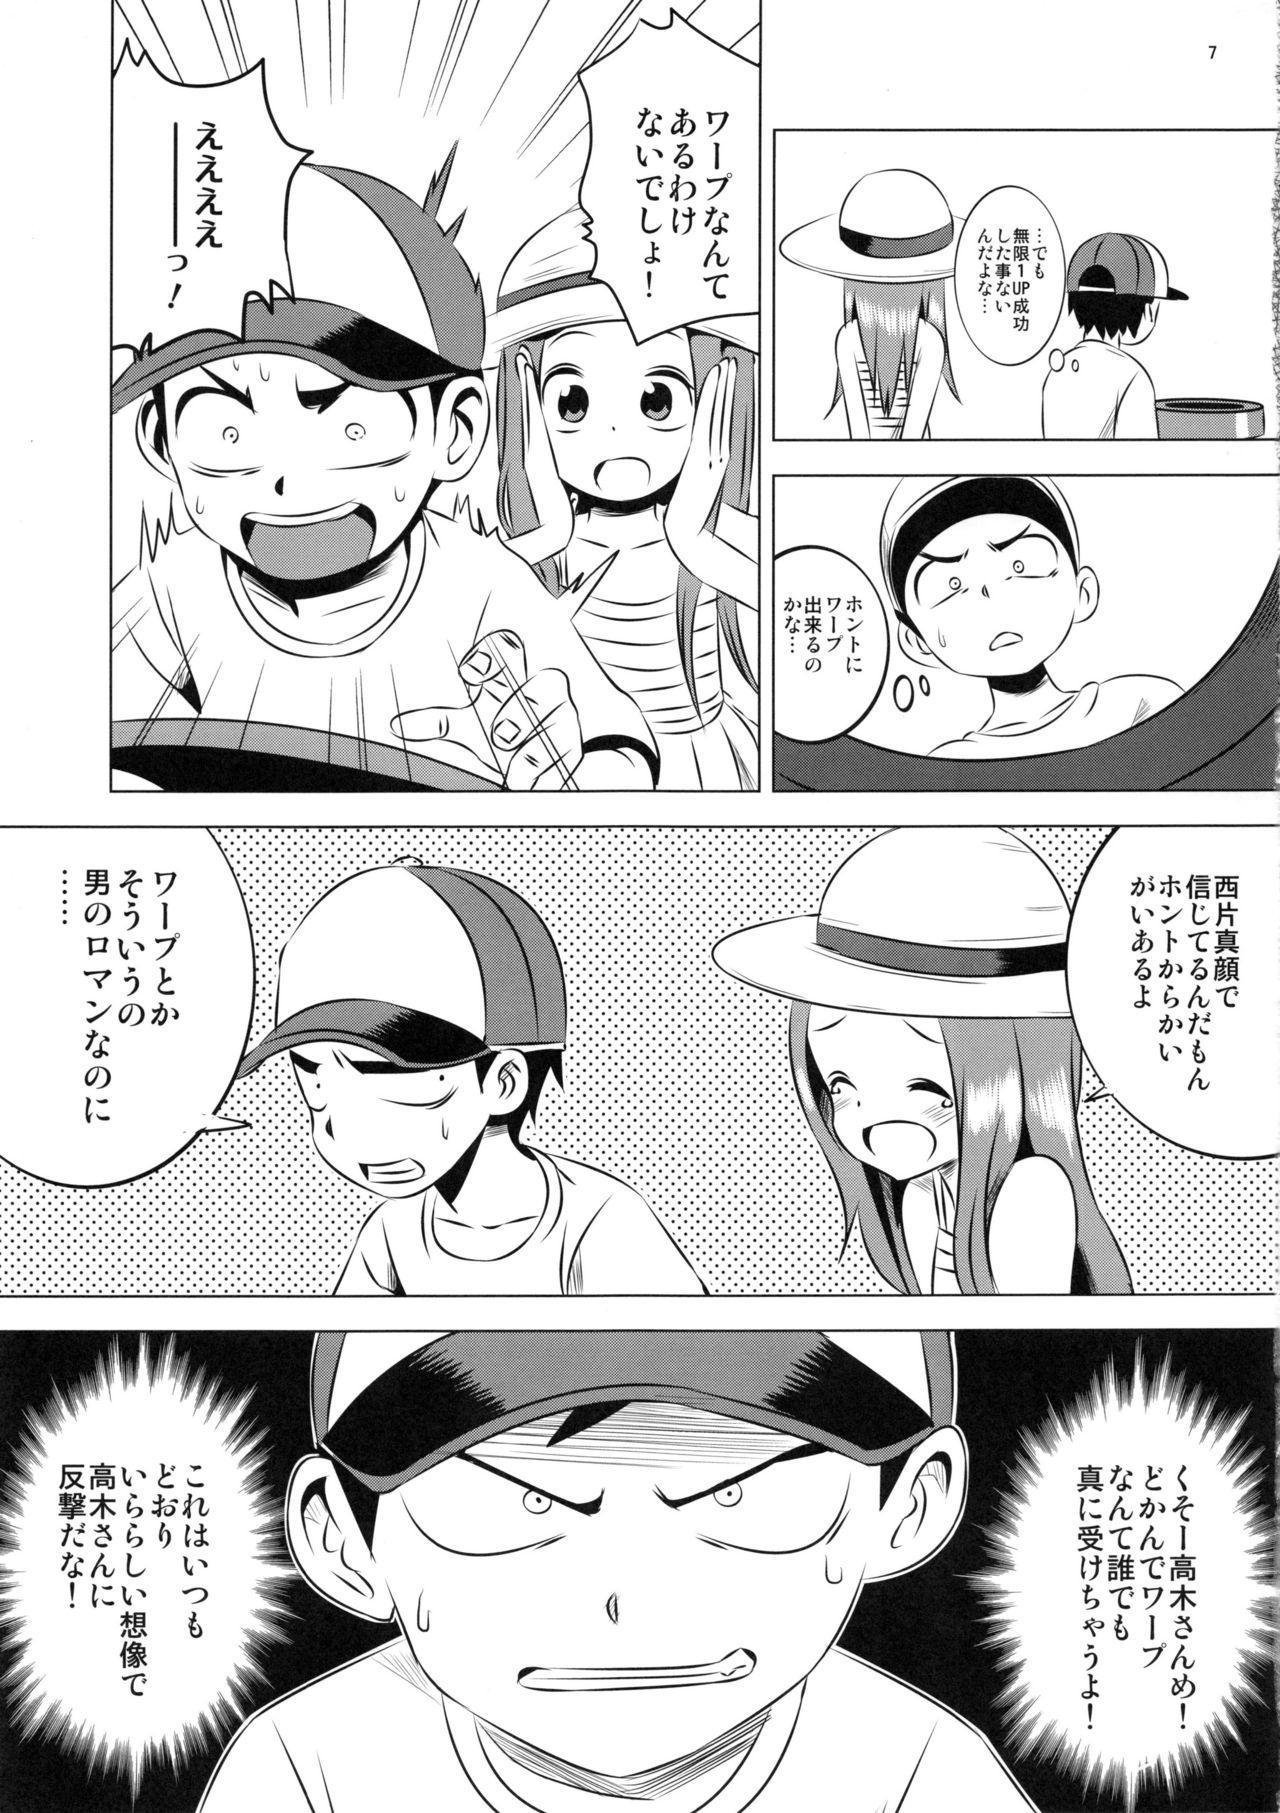 (C92) [Kakohimenoutuwa (Yuumazume)] Kyou mo Nishikata-kun wa Takagi-san ni Misukasareteru 4 (Karakai Jouzu no Takagi-san) 6